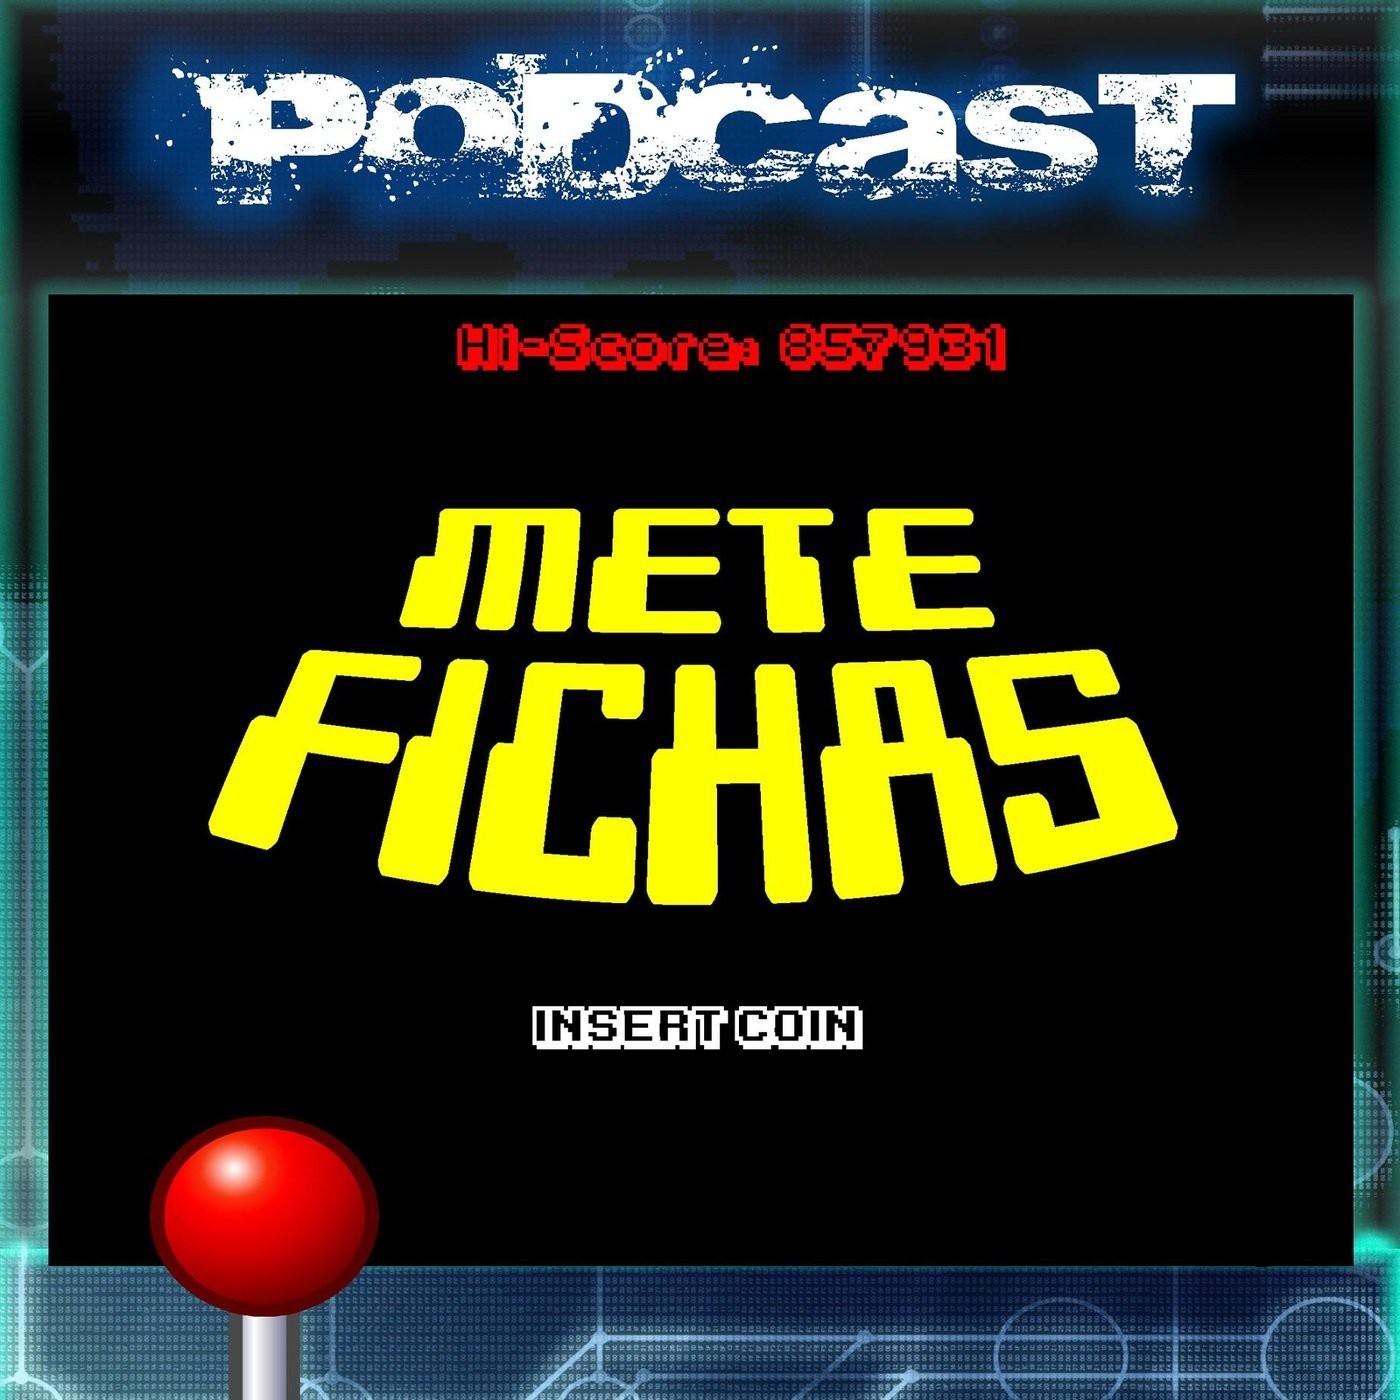 <![CDATA[Metefichas, el podcast de Insert Coin.]]>